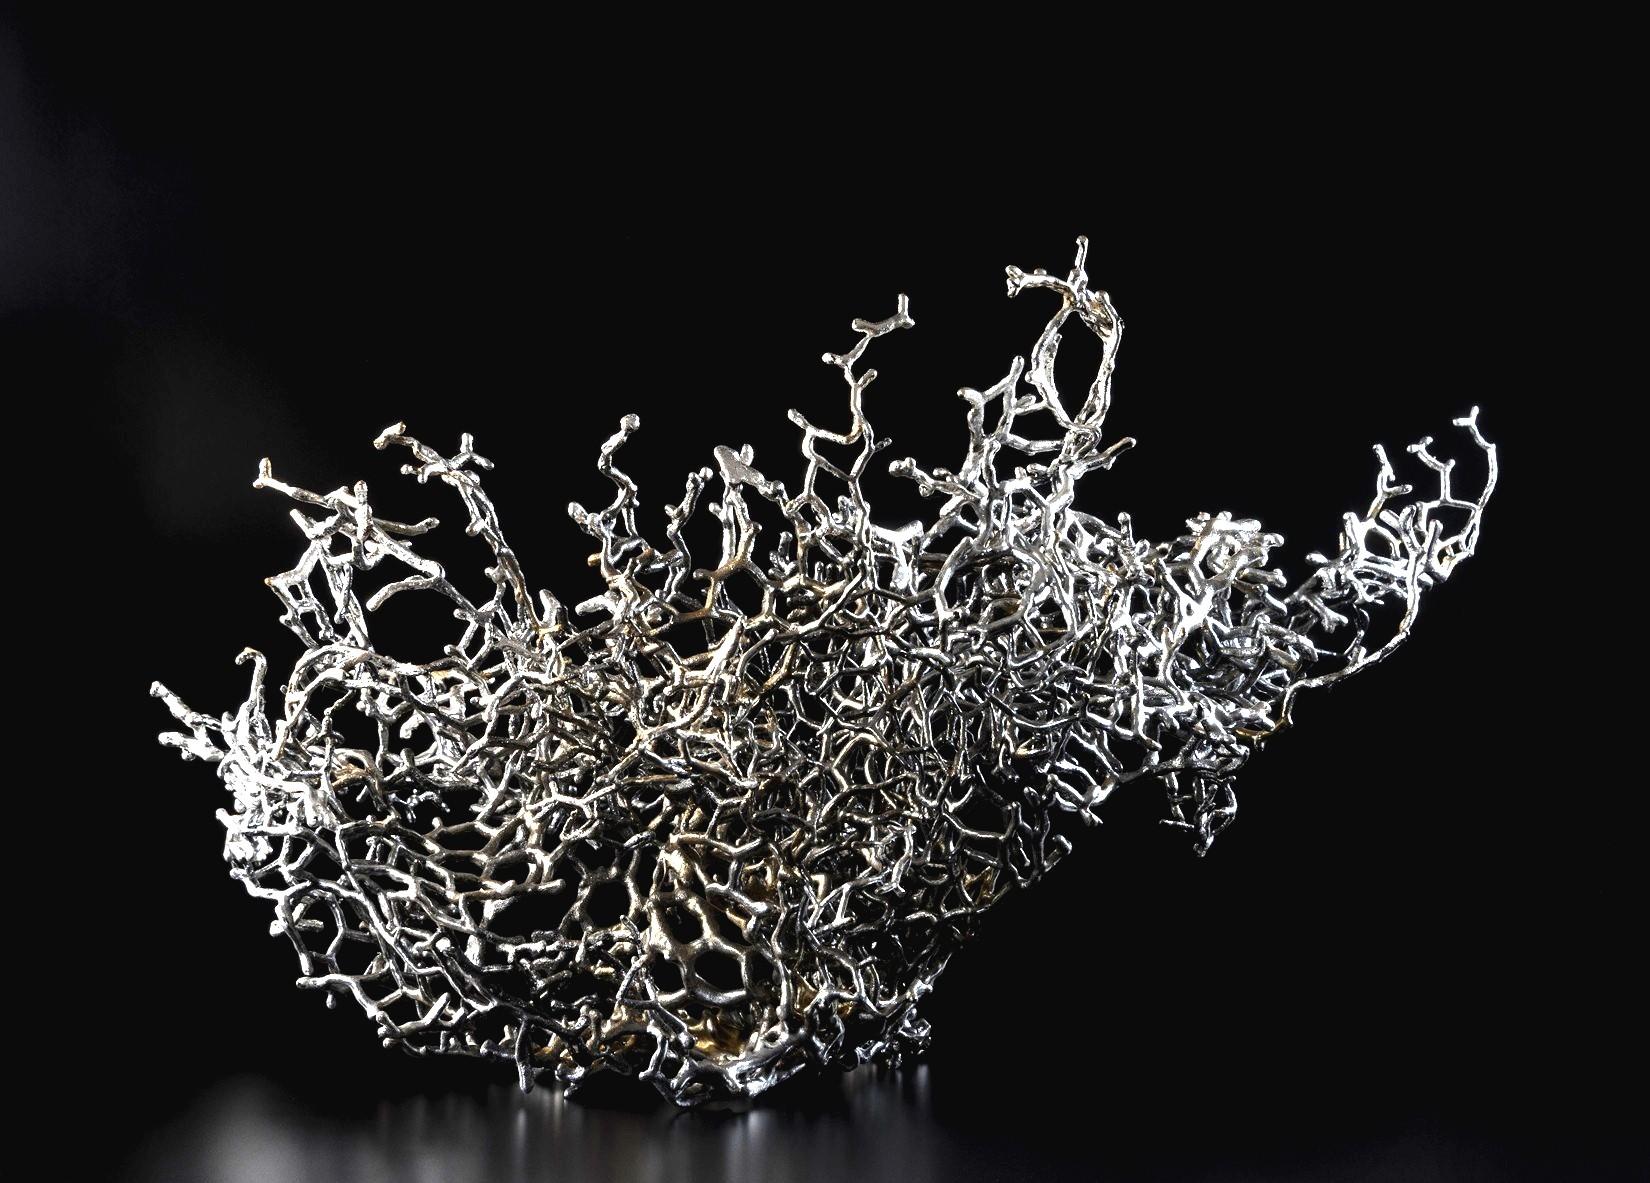 Deeper and Deeper, de l'artiste Julie Savard, Sculpture, acier, polyuréa, feuille d'argent et graphite, dimension : 17 x 24 x 19 po